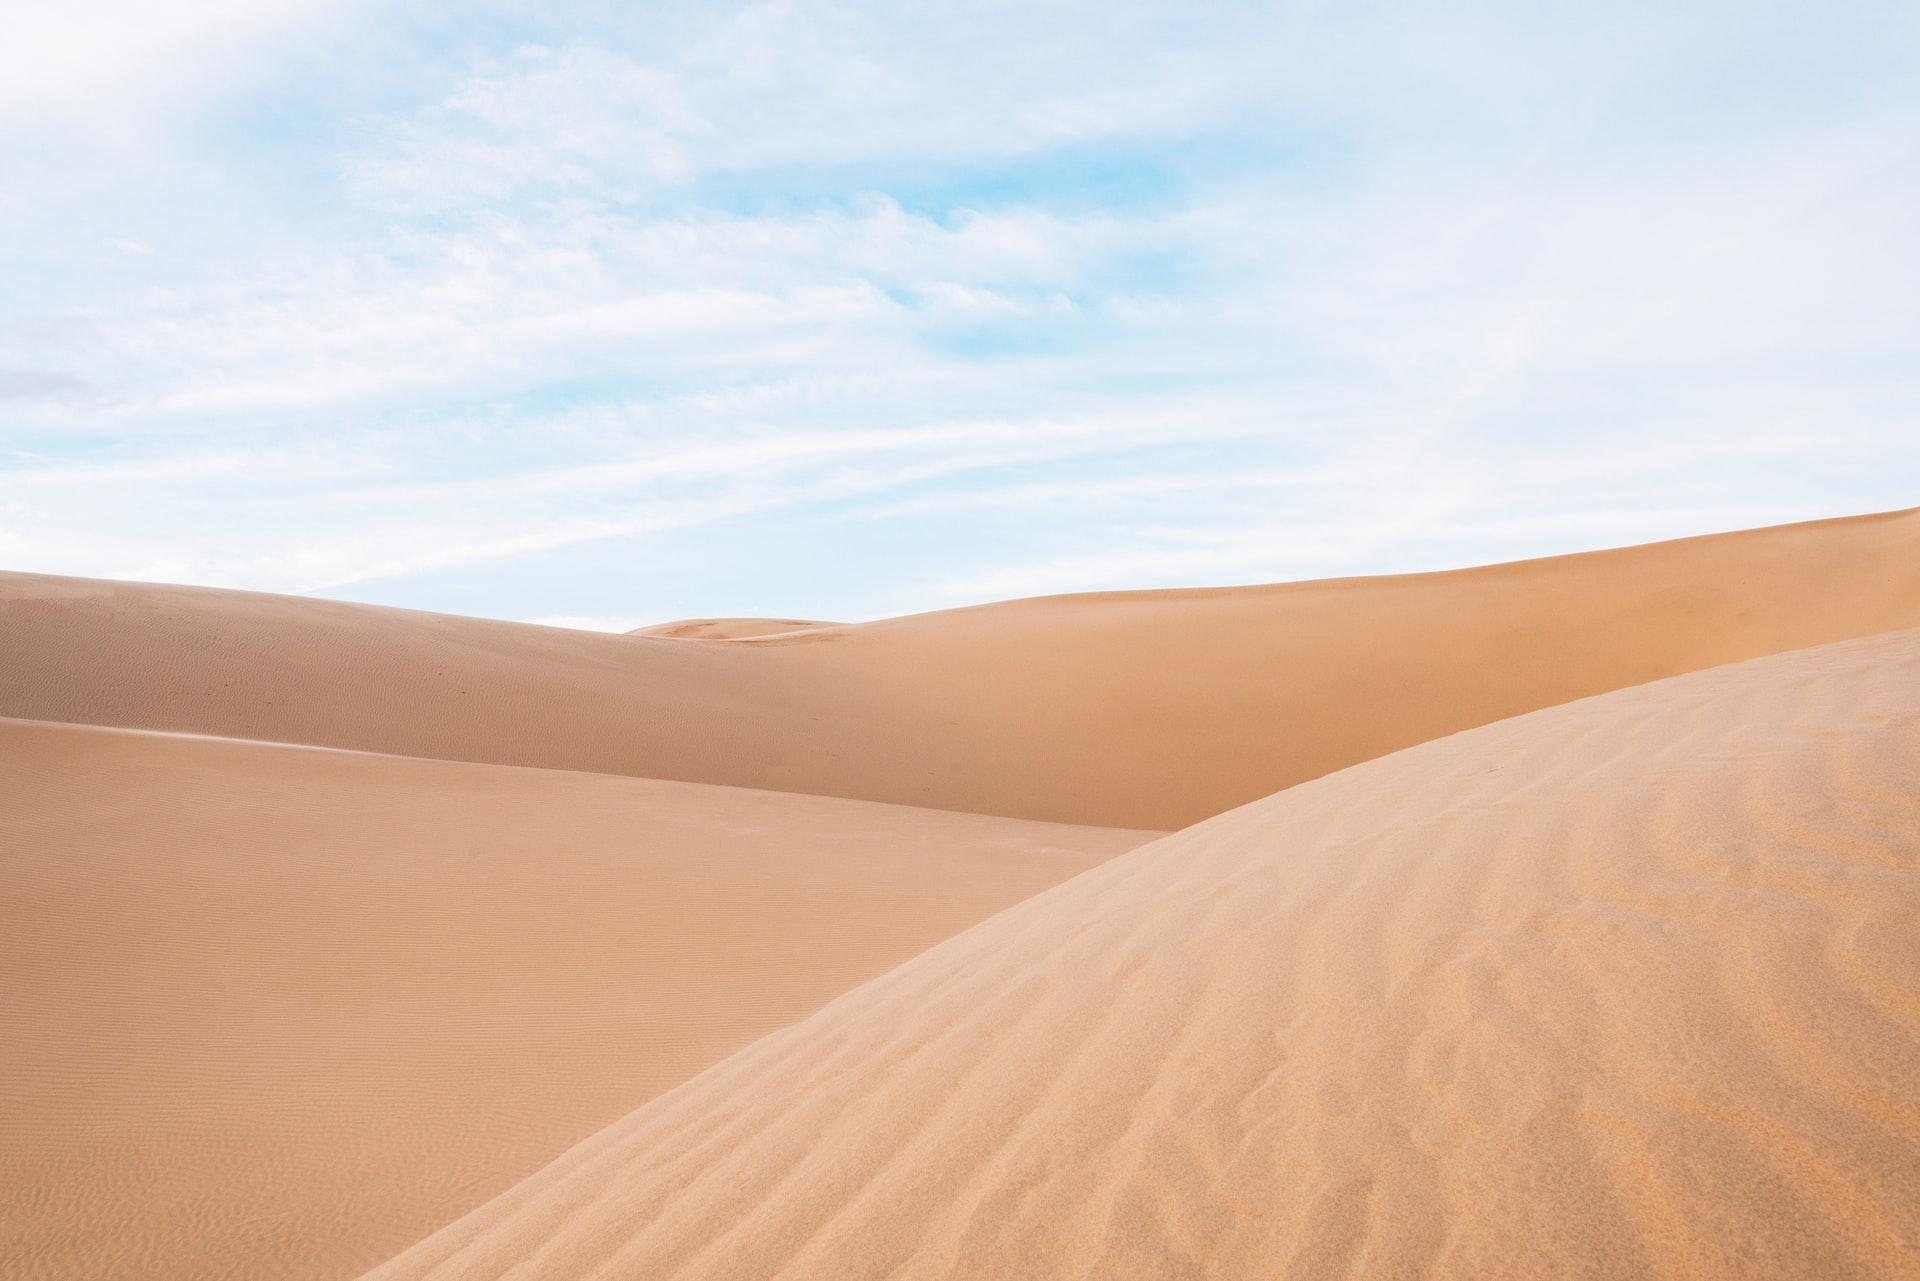 Le sable : un terrain de conduite à bien appréhender